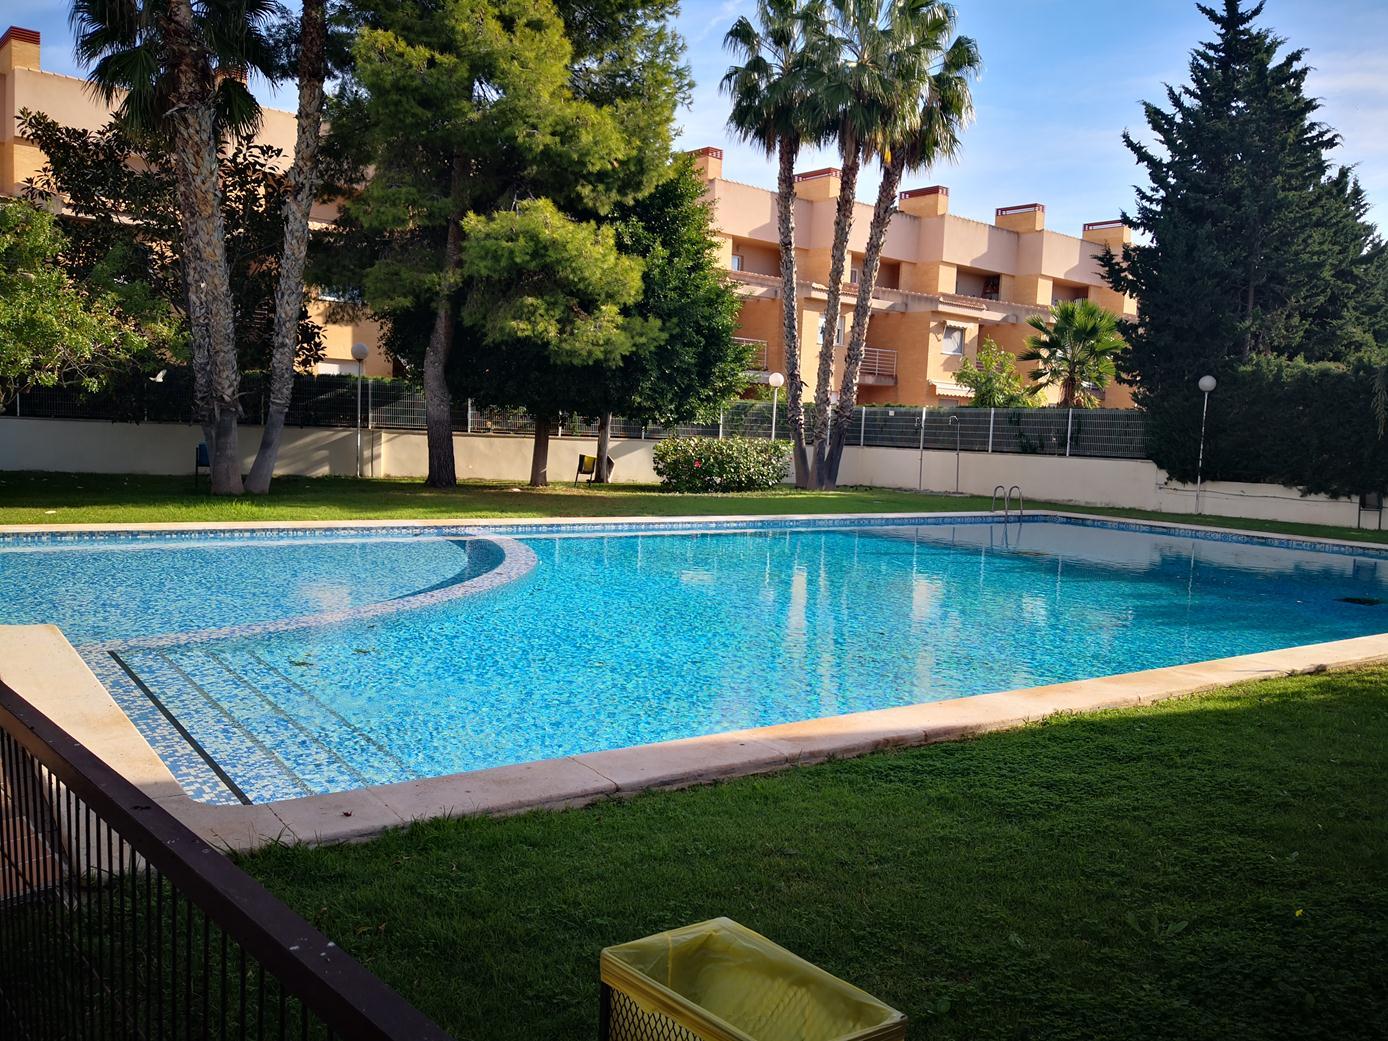 Adosado – 4 dormitorios – San Juan de Alicante